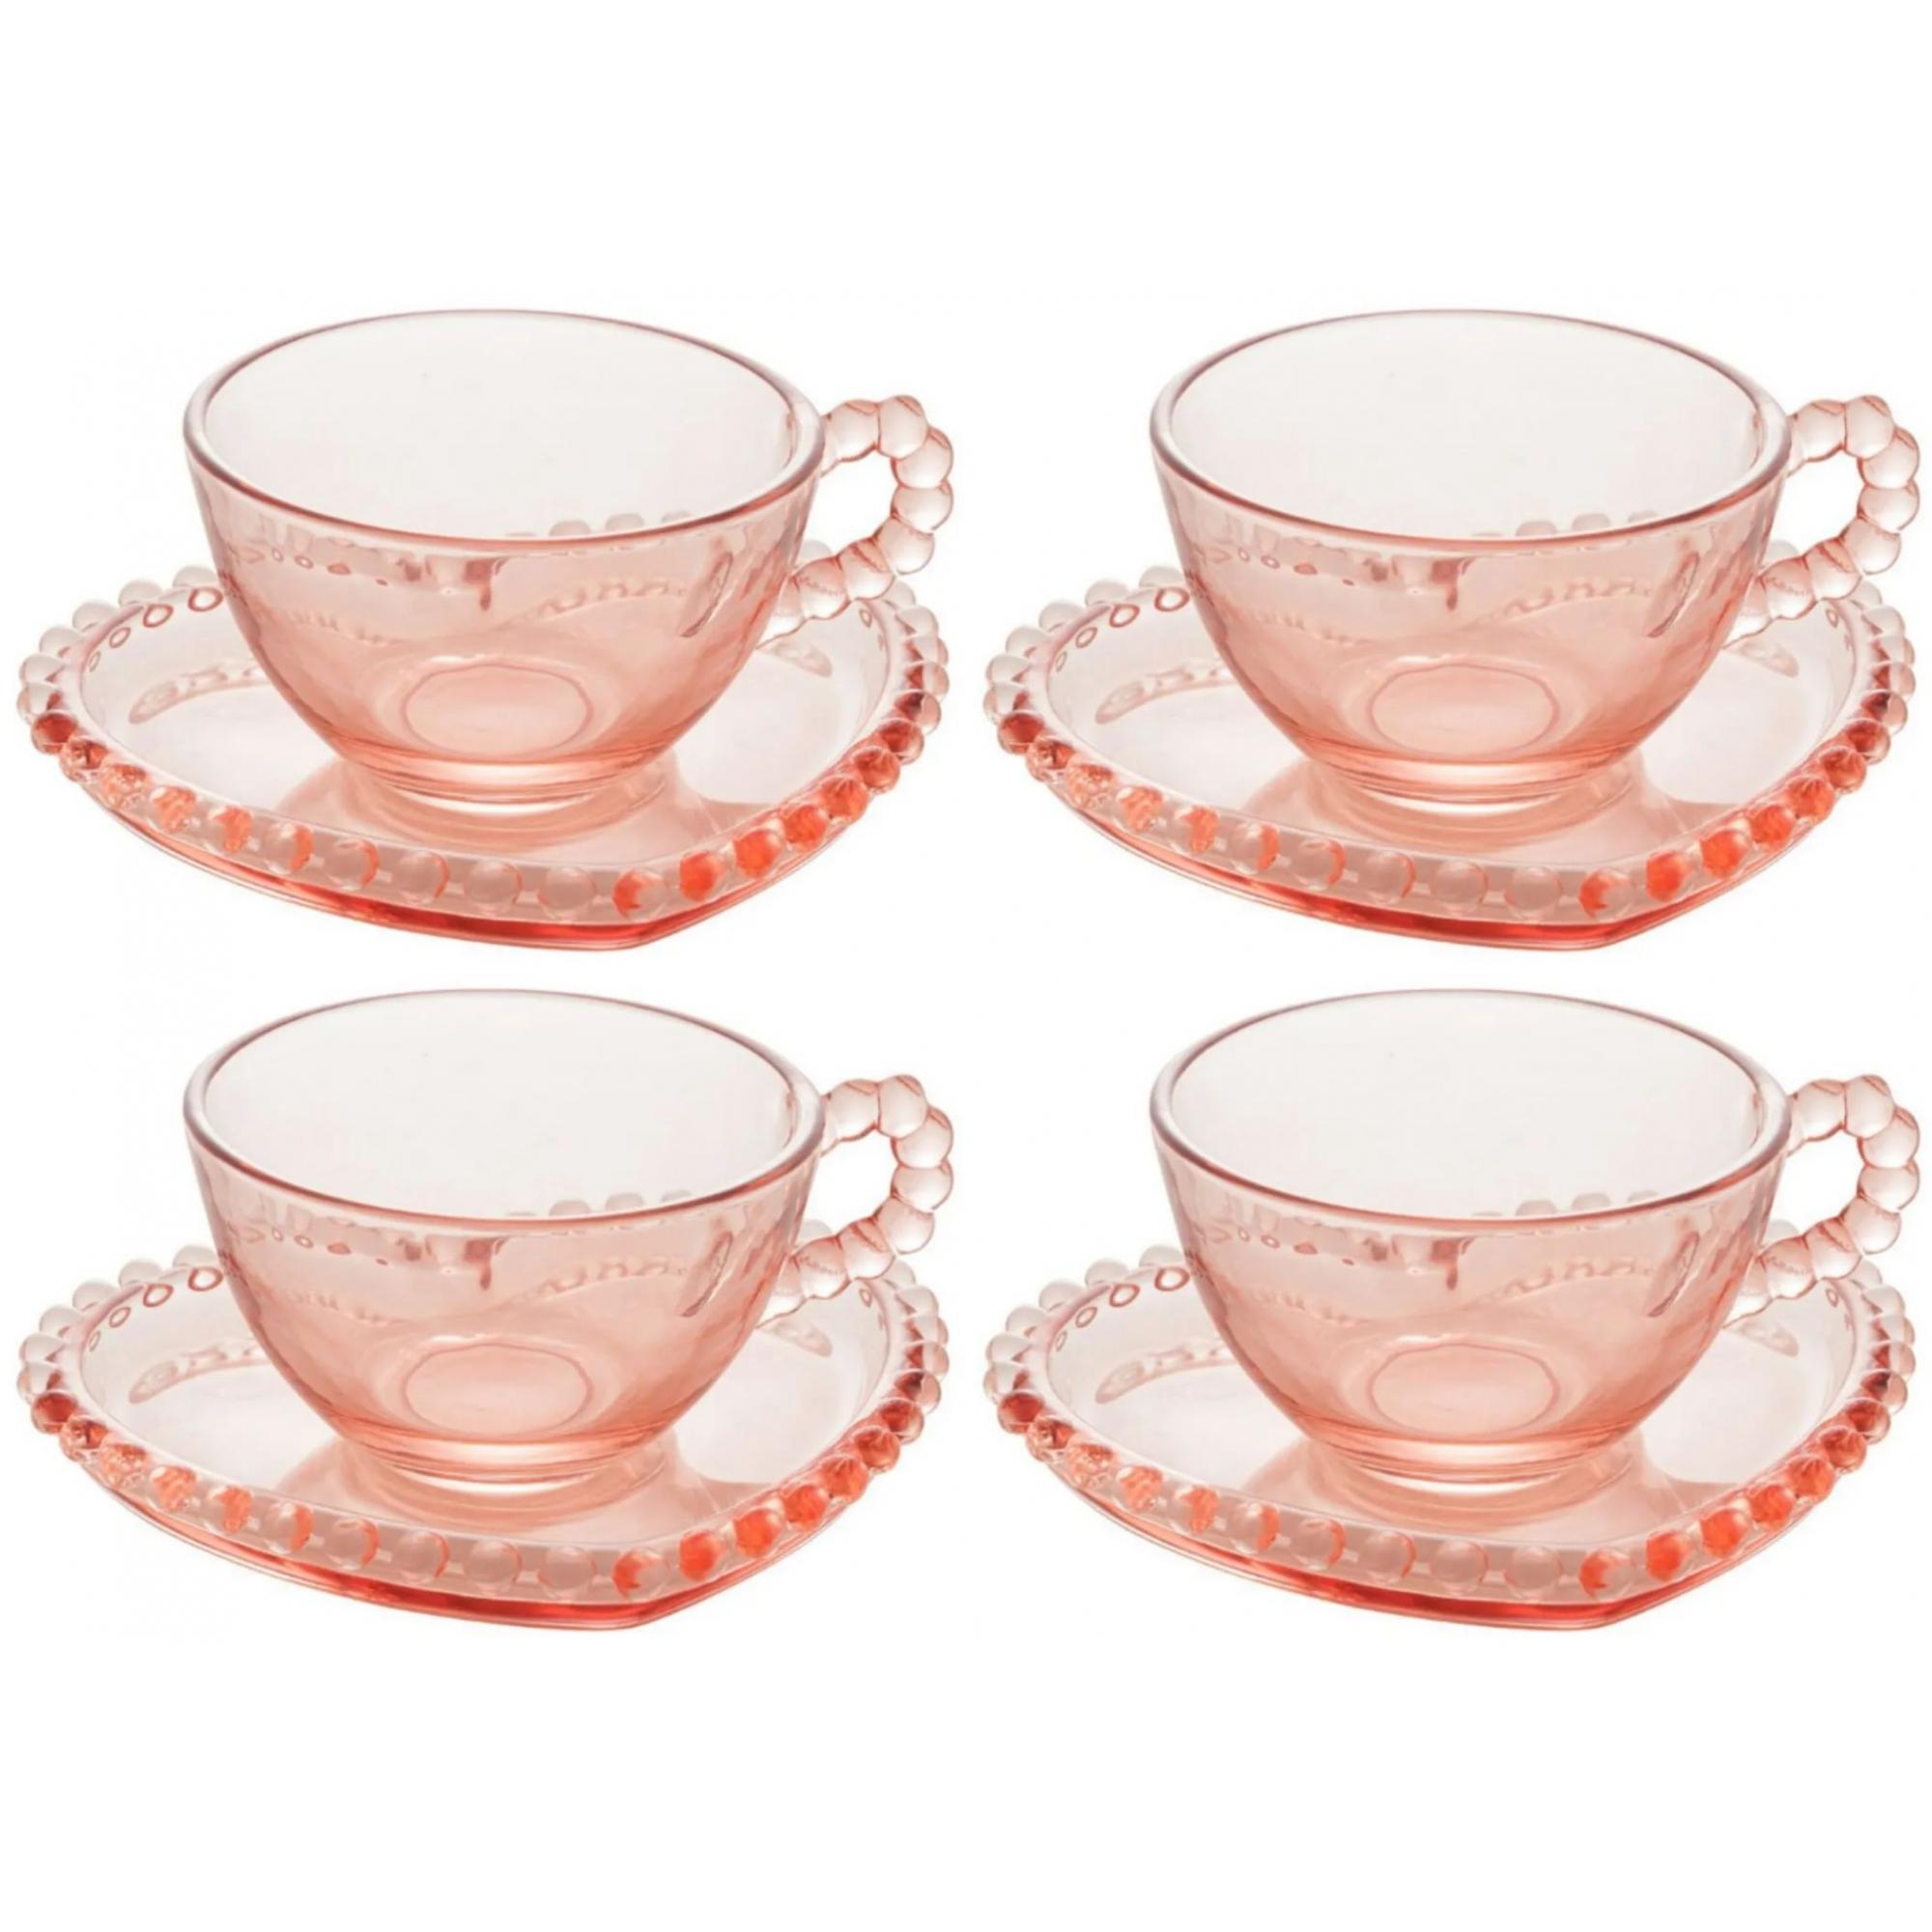 Conjunto 4 Xícaras de Coração com Pires para Chá - Pearl Rosa